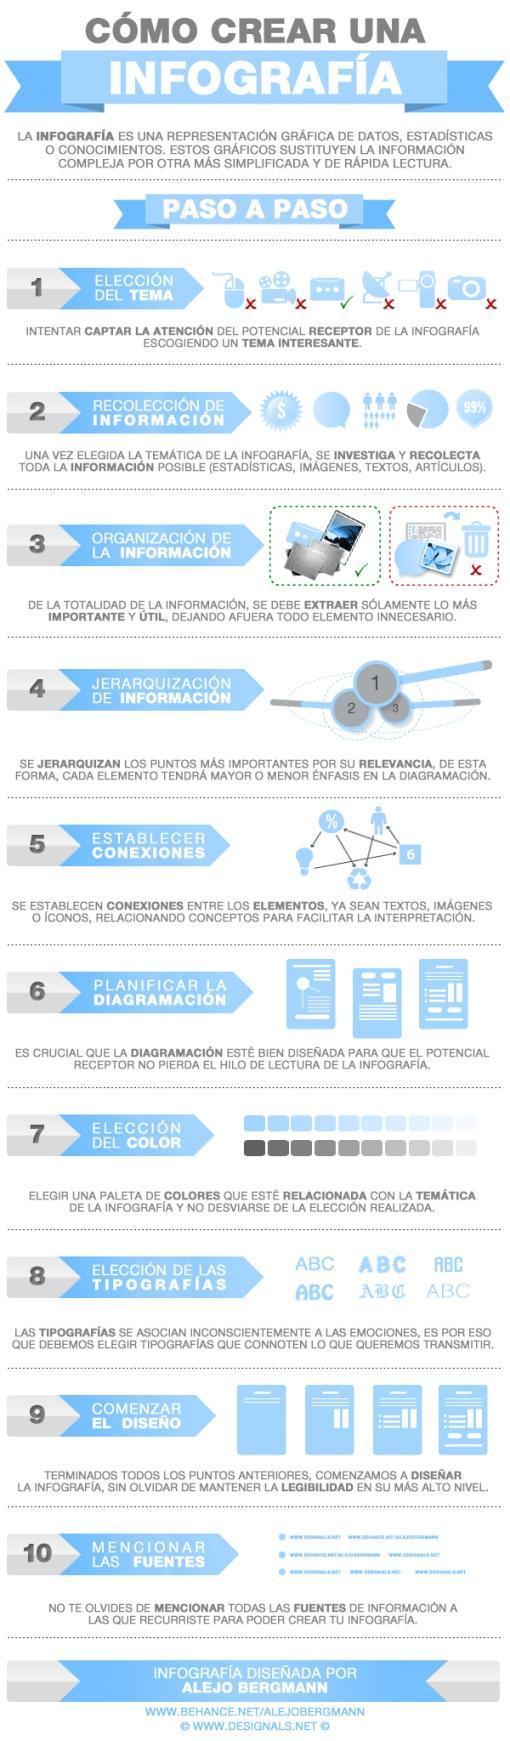 Como crear una infografia, importante aprender esto, para cualquier actividad a publicar. Lo intentare!